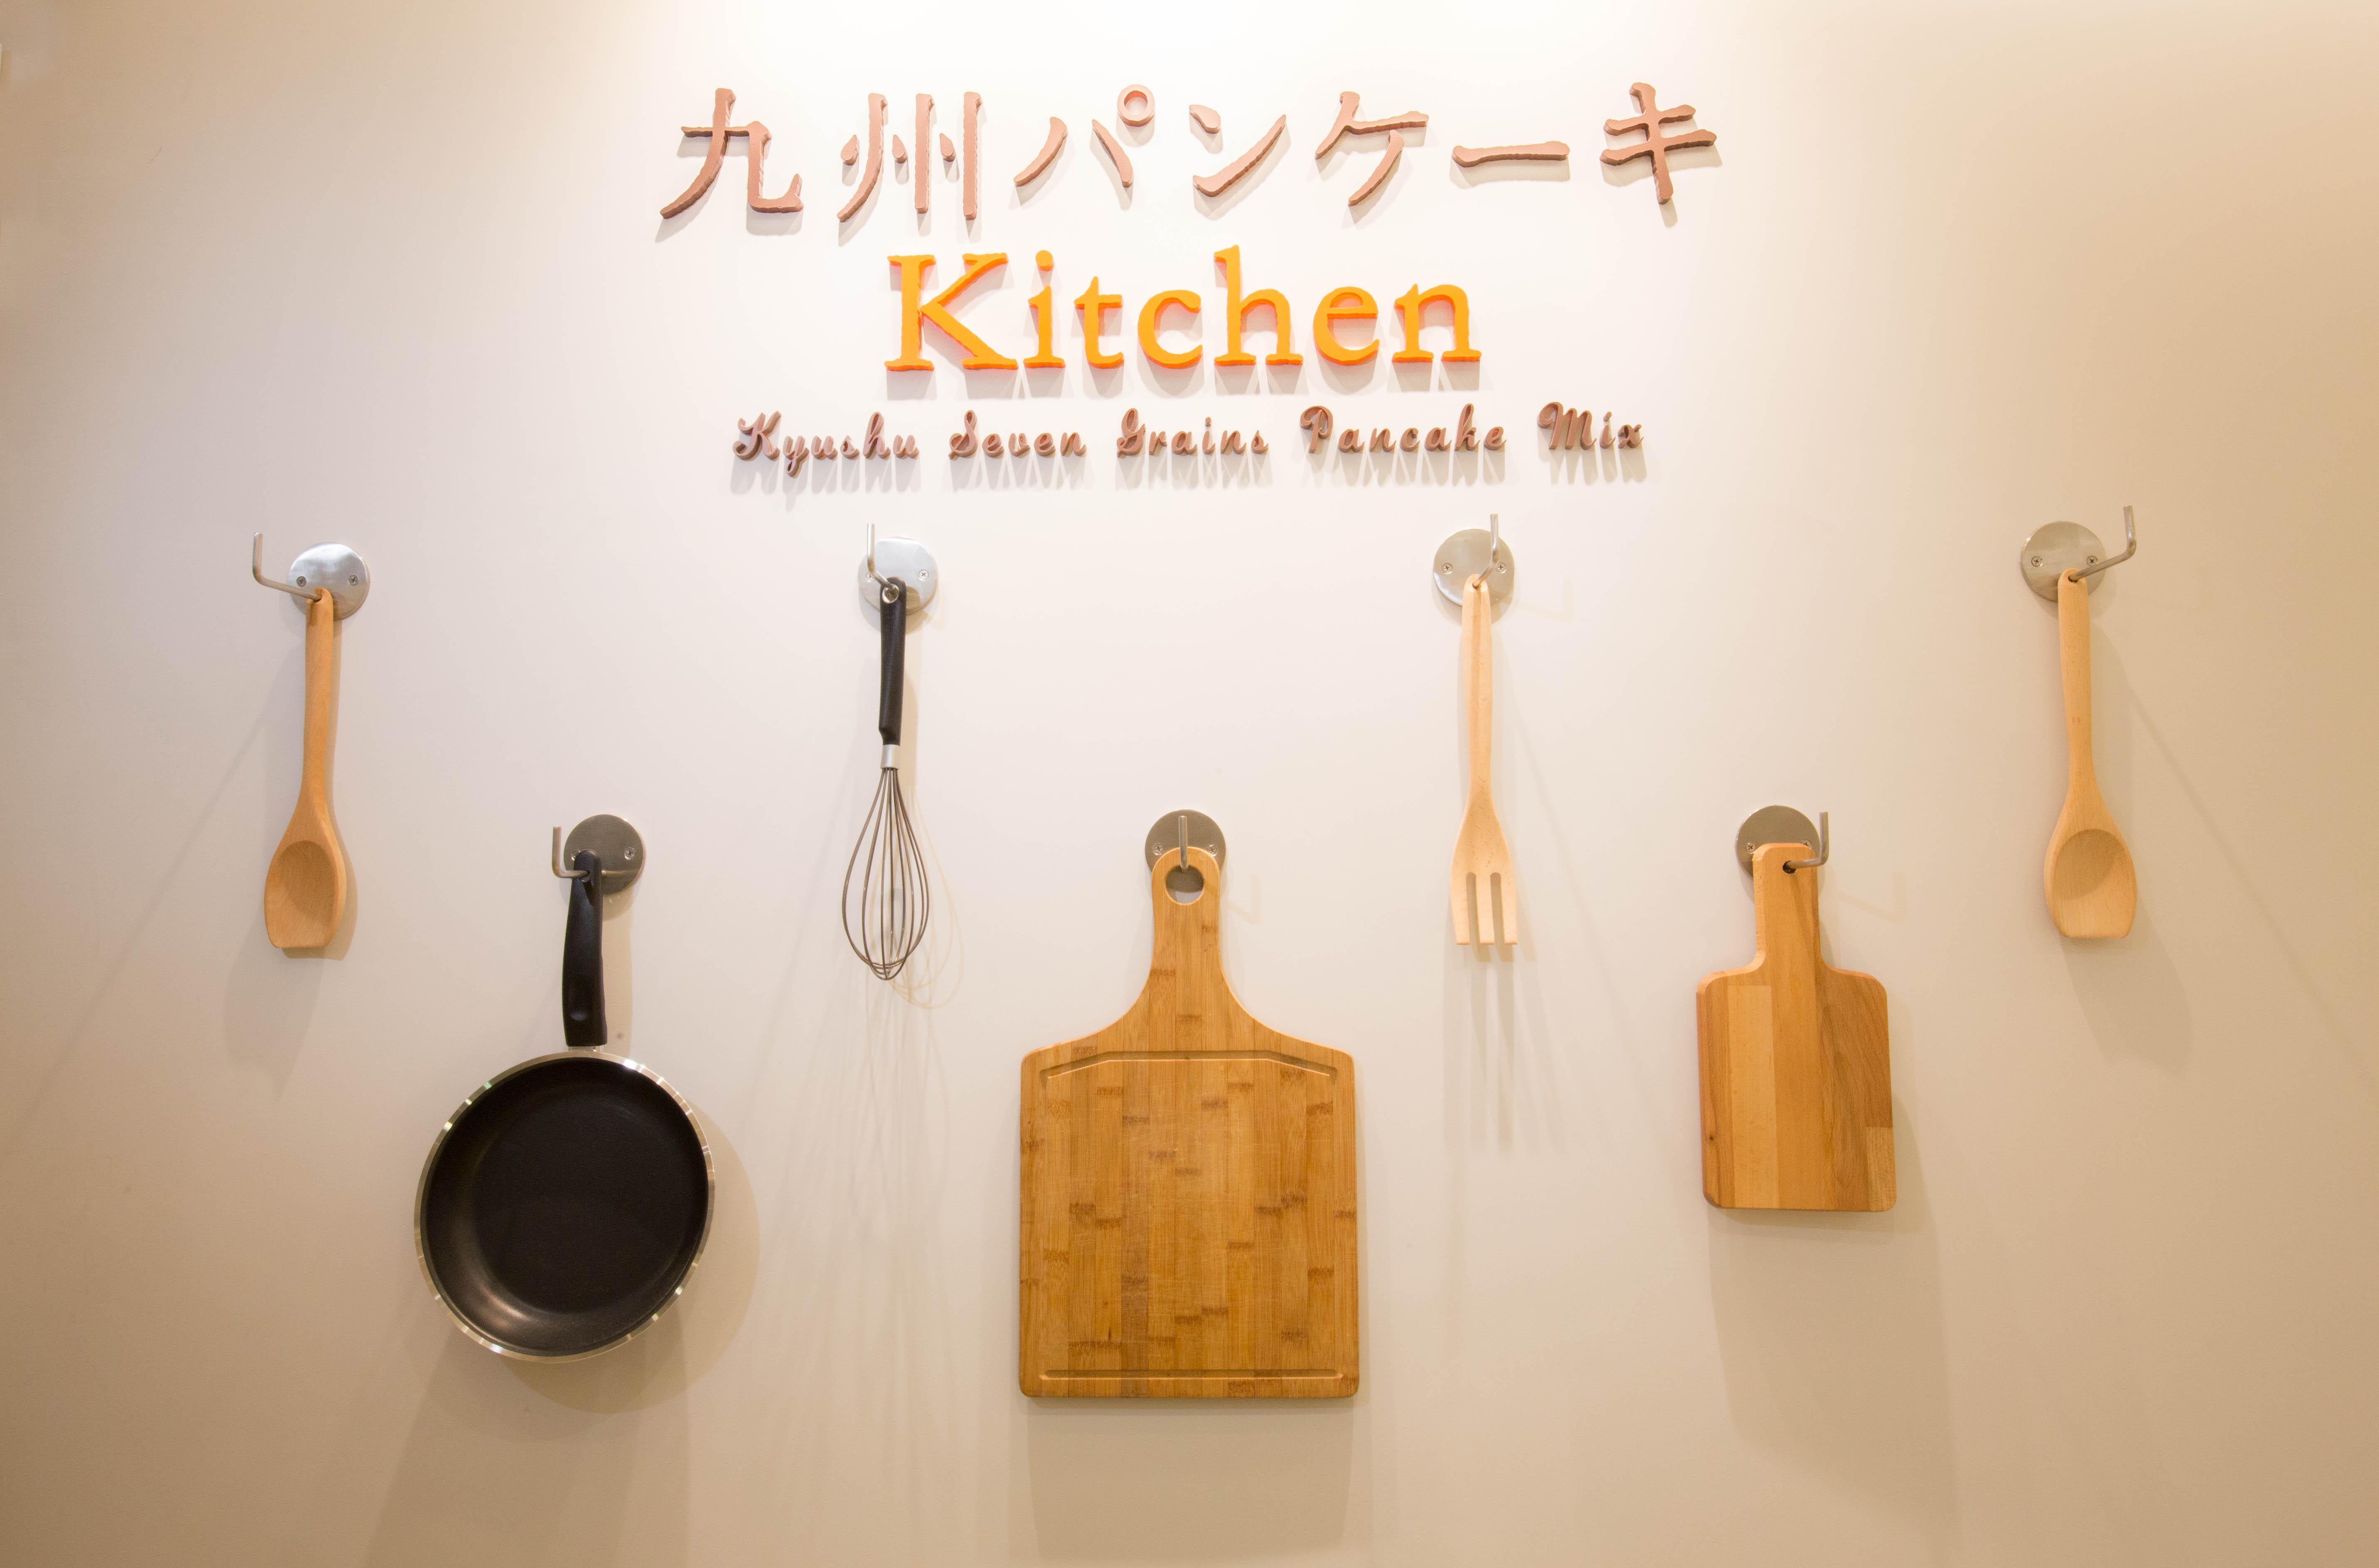 跟妳的好姐妹們約好一起到「九州鬆餅Kitchen」學做鬆餅吧! 7